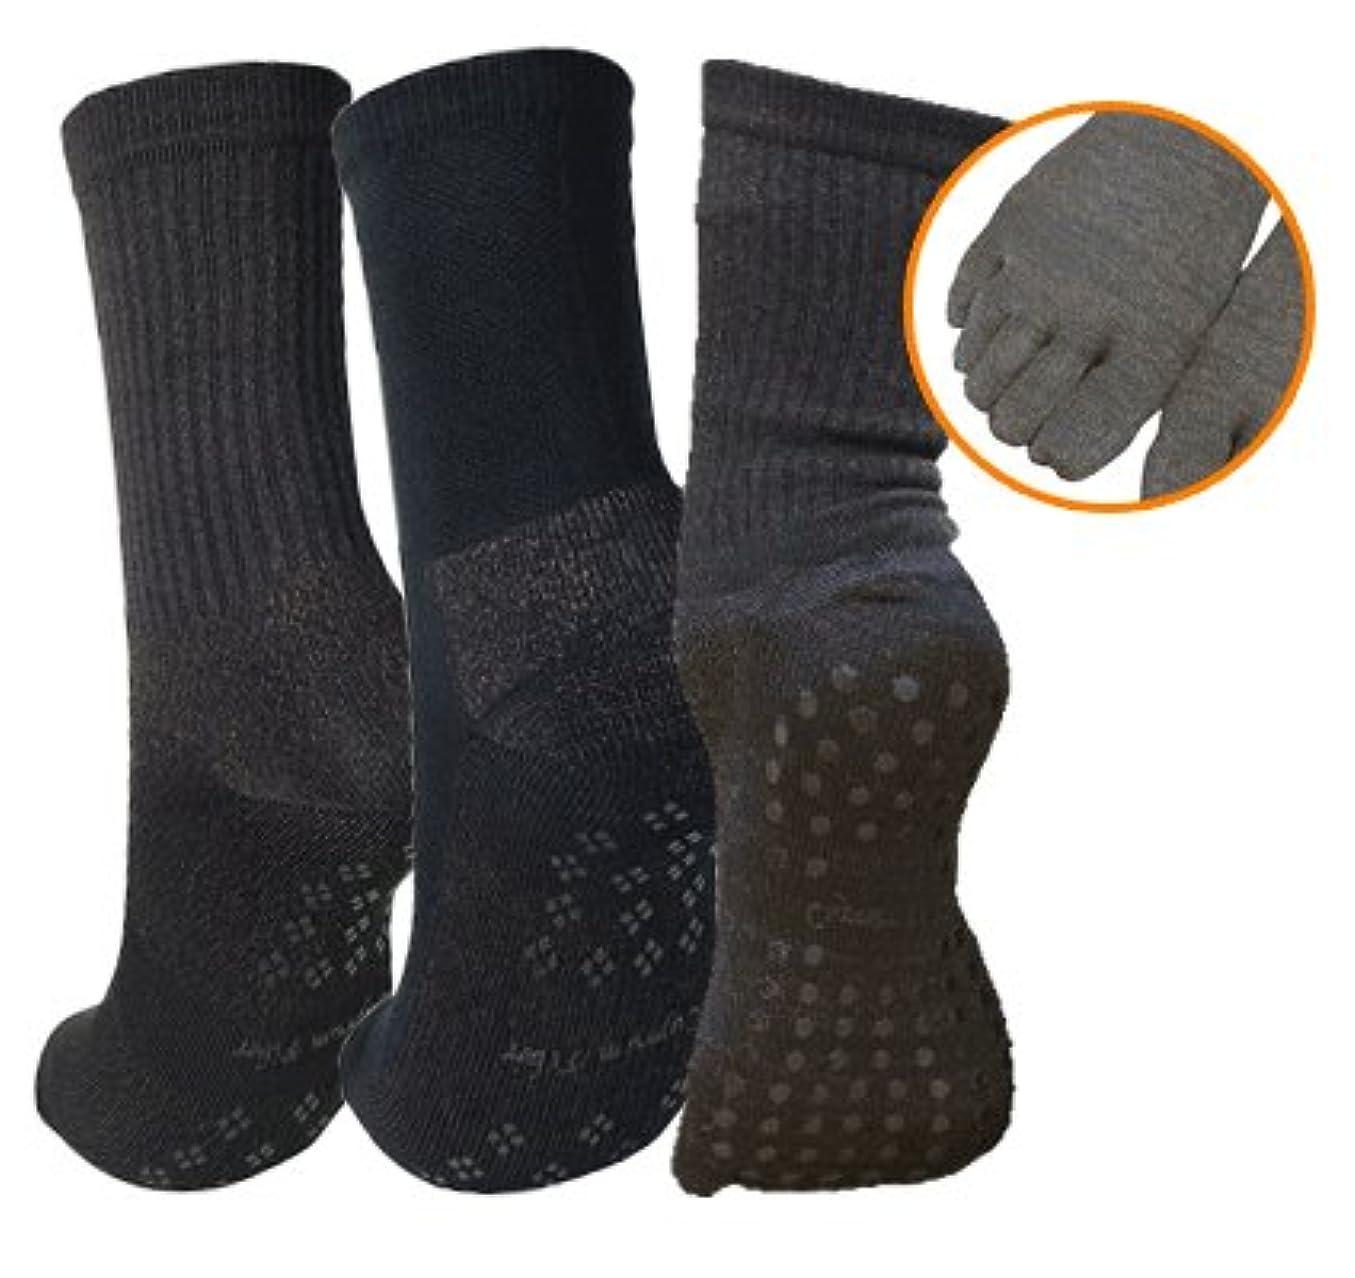 友だちパッケージレール銅繊維靴下「足もとはいつも青春」 女性専用お得お試し3点セット 【しもやけ対策に】